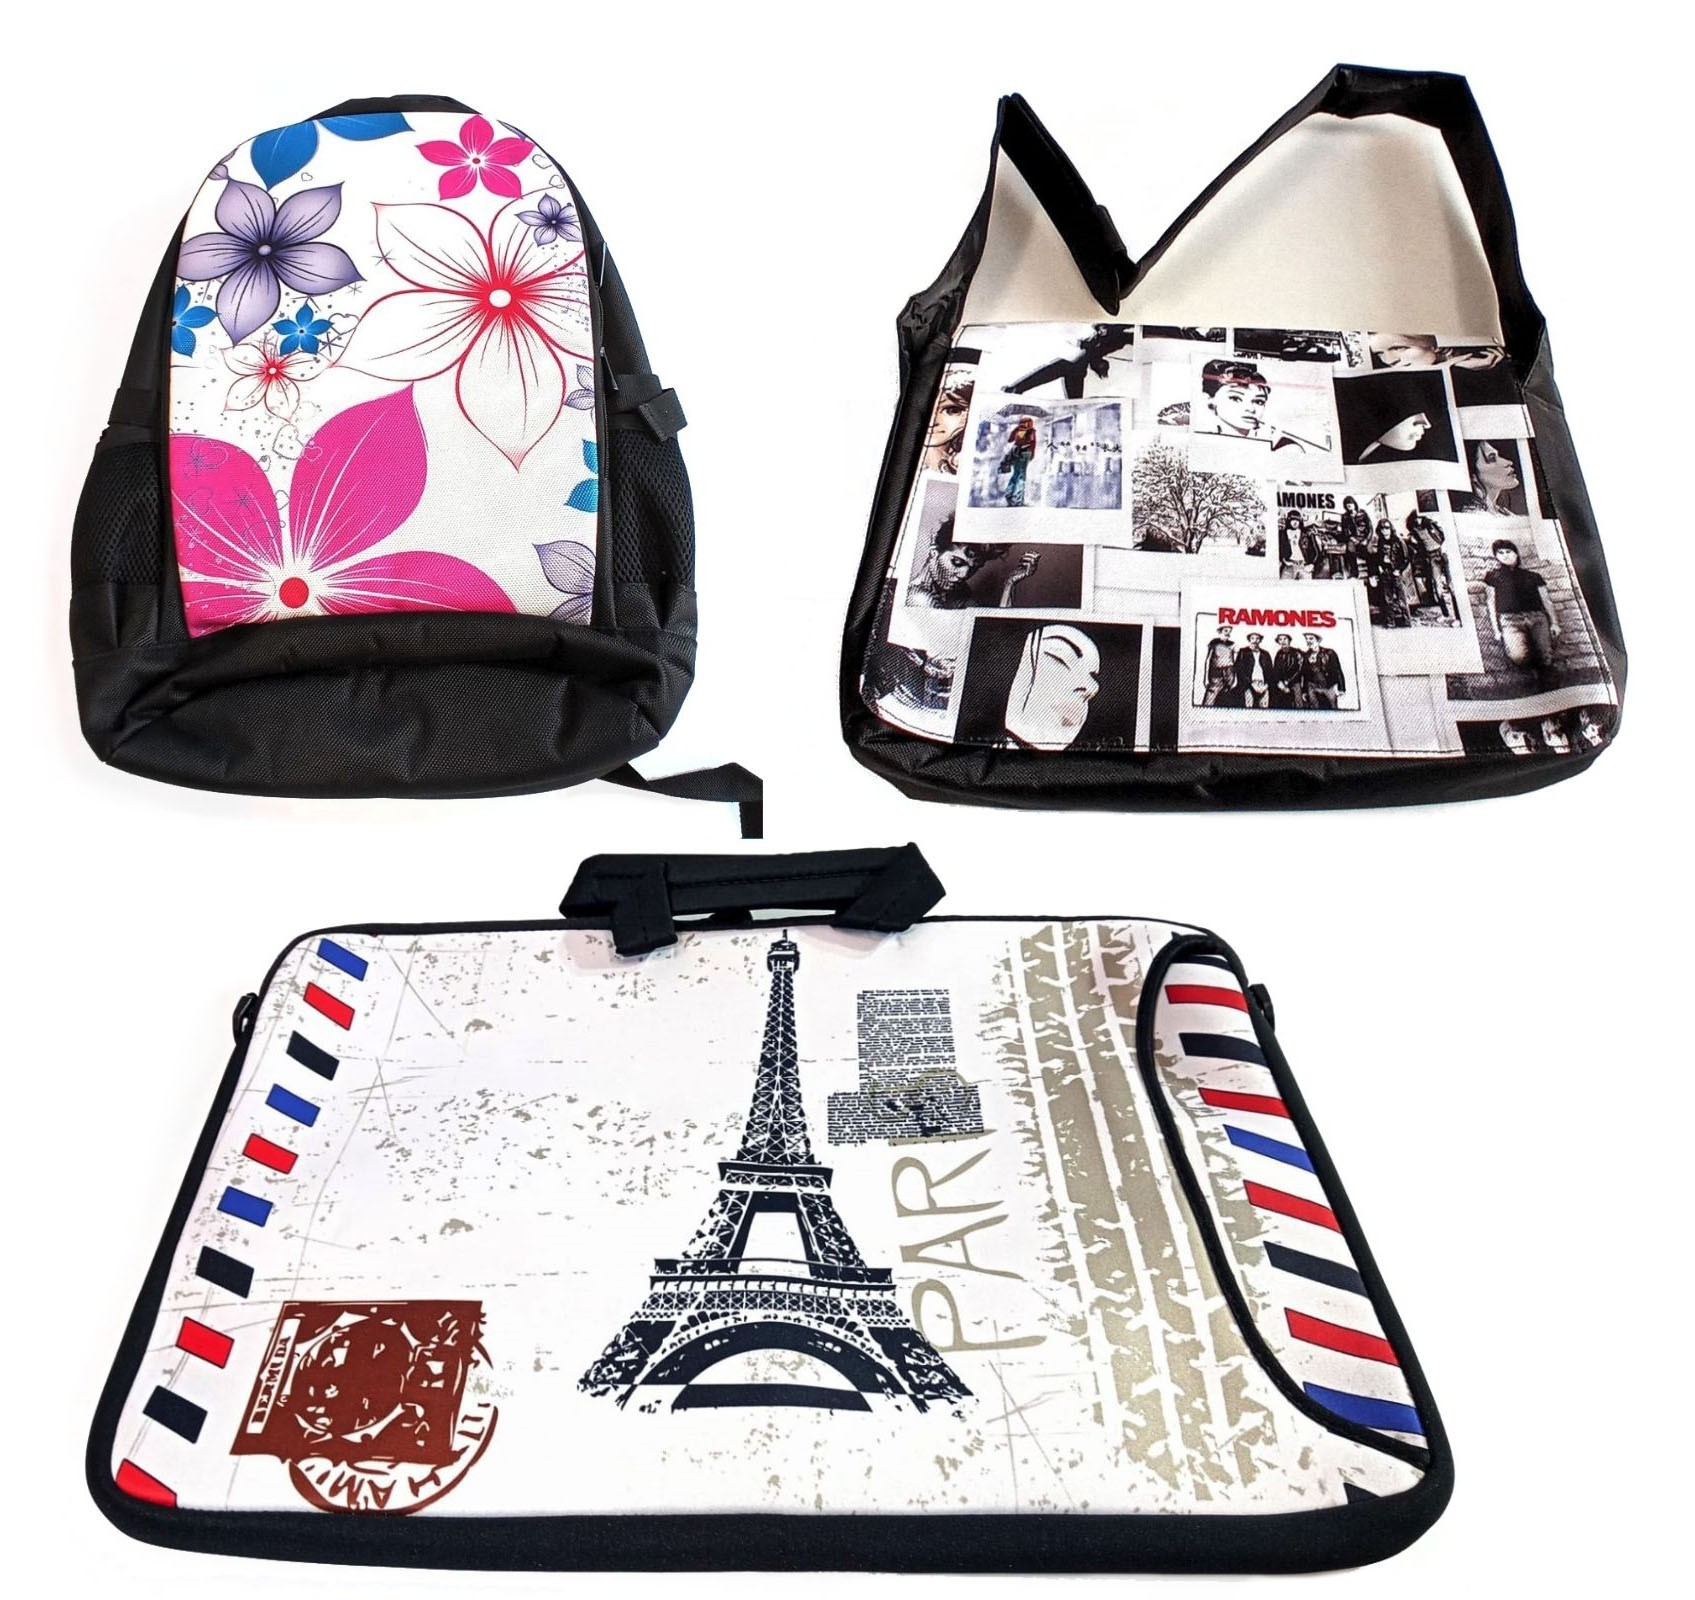 Backpacks, Laptop & Tablet Bags & Covers Est. Original Retail €4,495, Tanna, DE